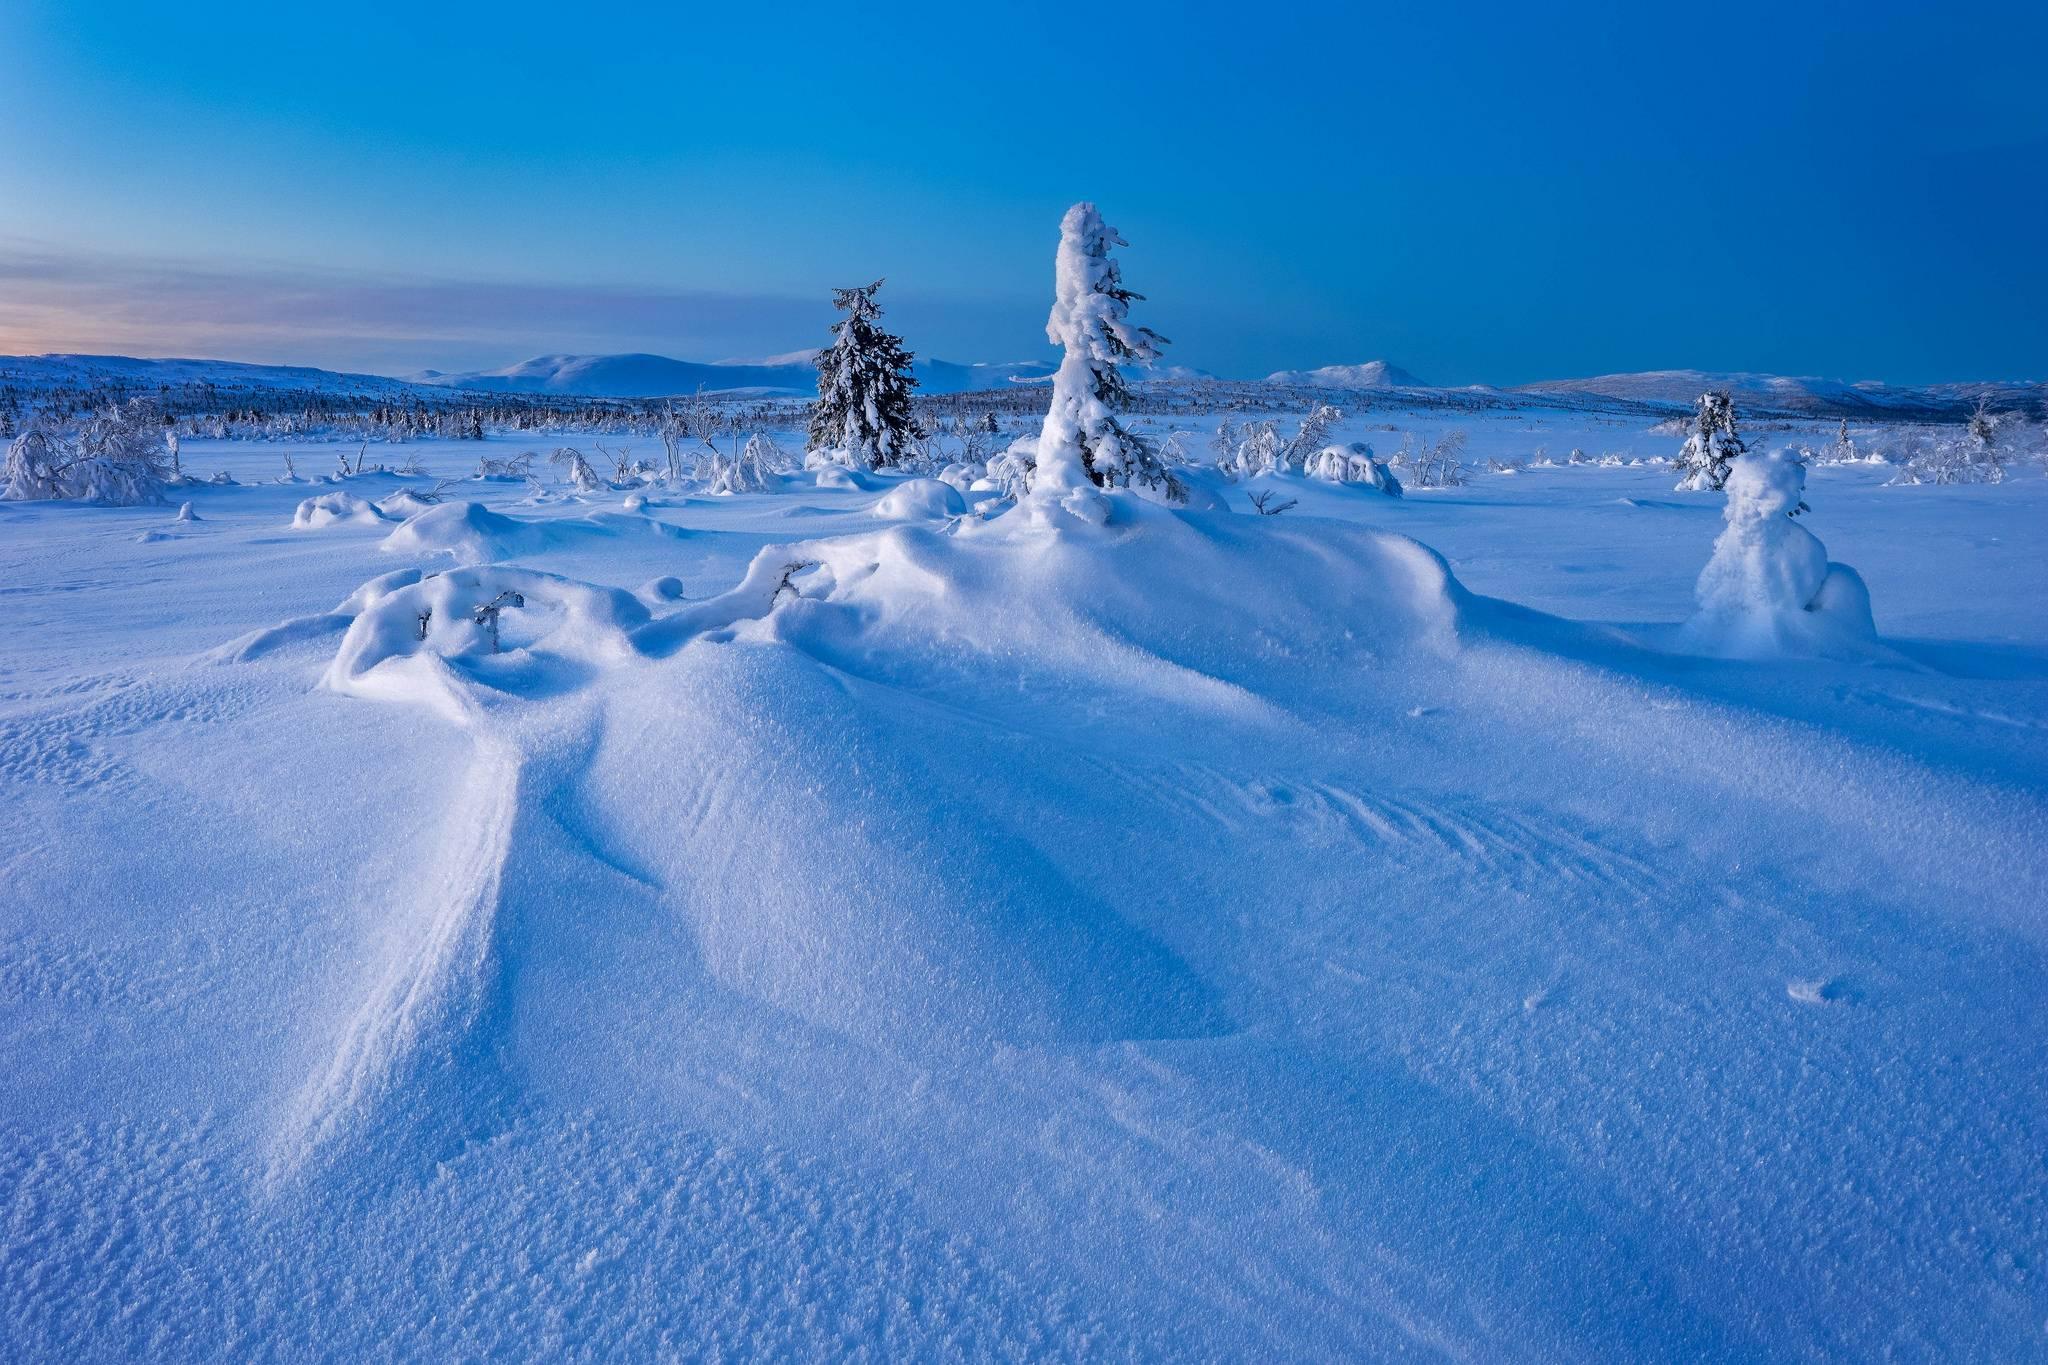 Gitsfjallets nature reserve, Lapland, Sweden